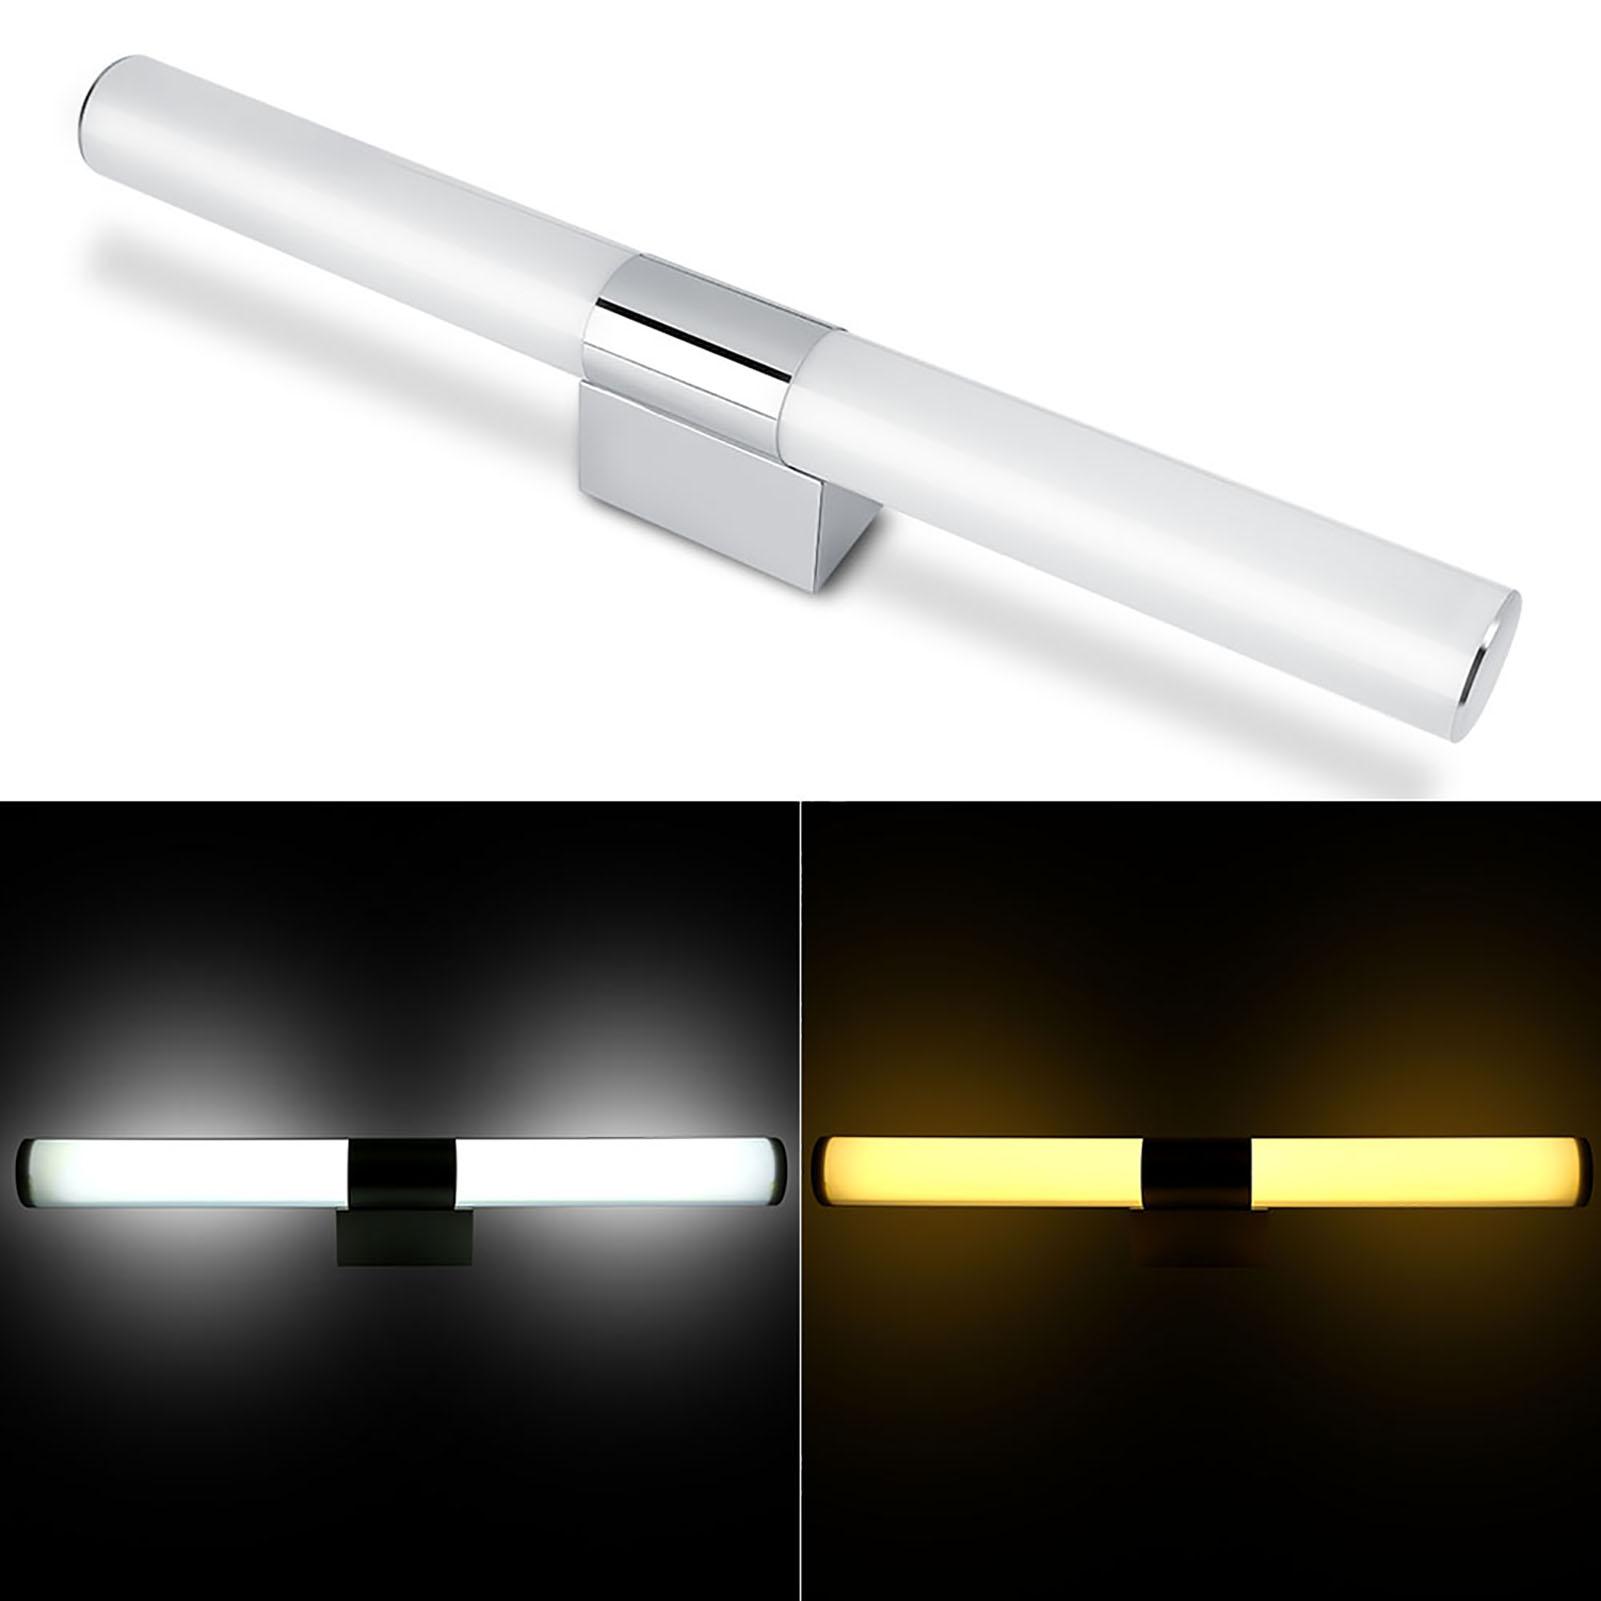 14w badezimmer wandlicht lampe led spiegelleuchte bad leuchte beleutung de ebay. Black Bedroom Furniture Sets. Home Design Ideas